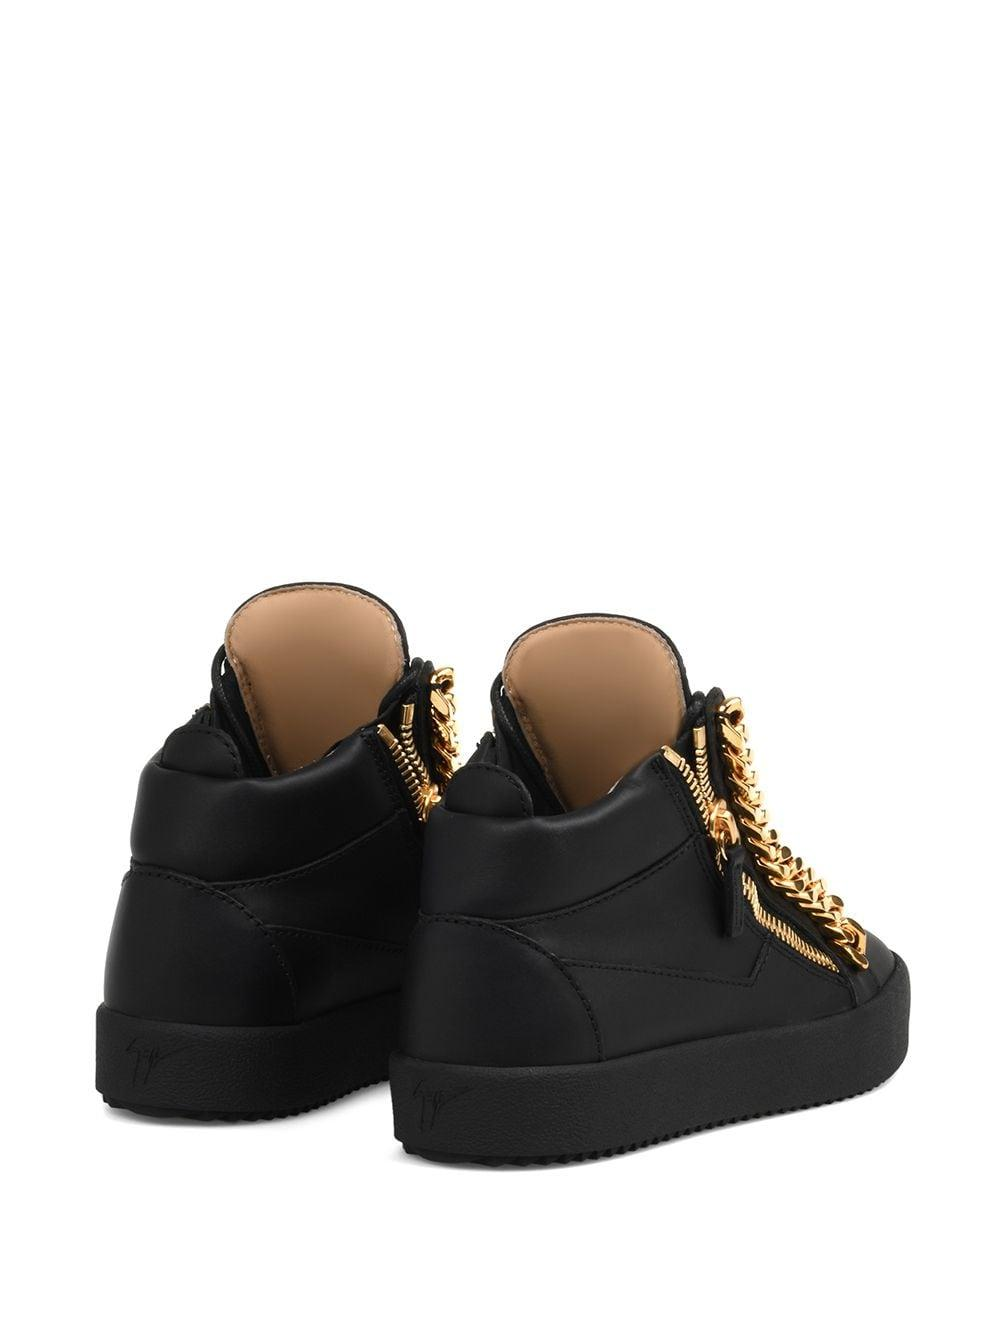 Zapatillas bajas Kriss con detalle de cadenas Giuseppe Zanotti de Cuero de color Negro